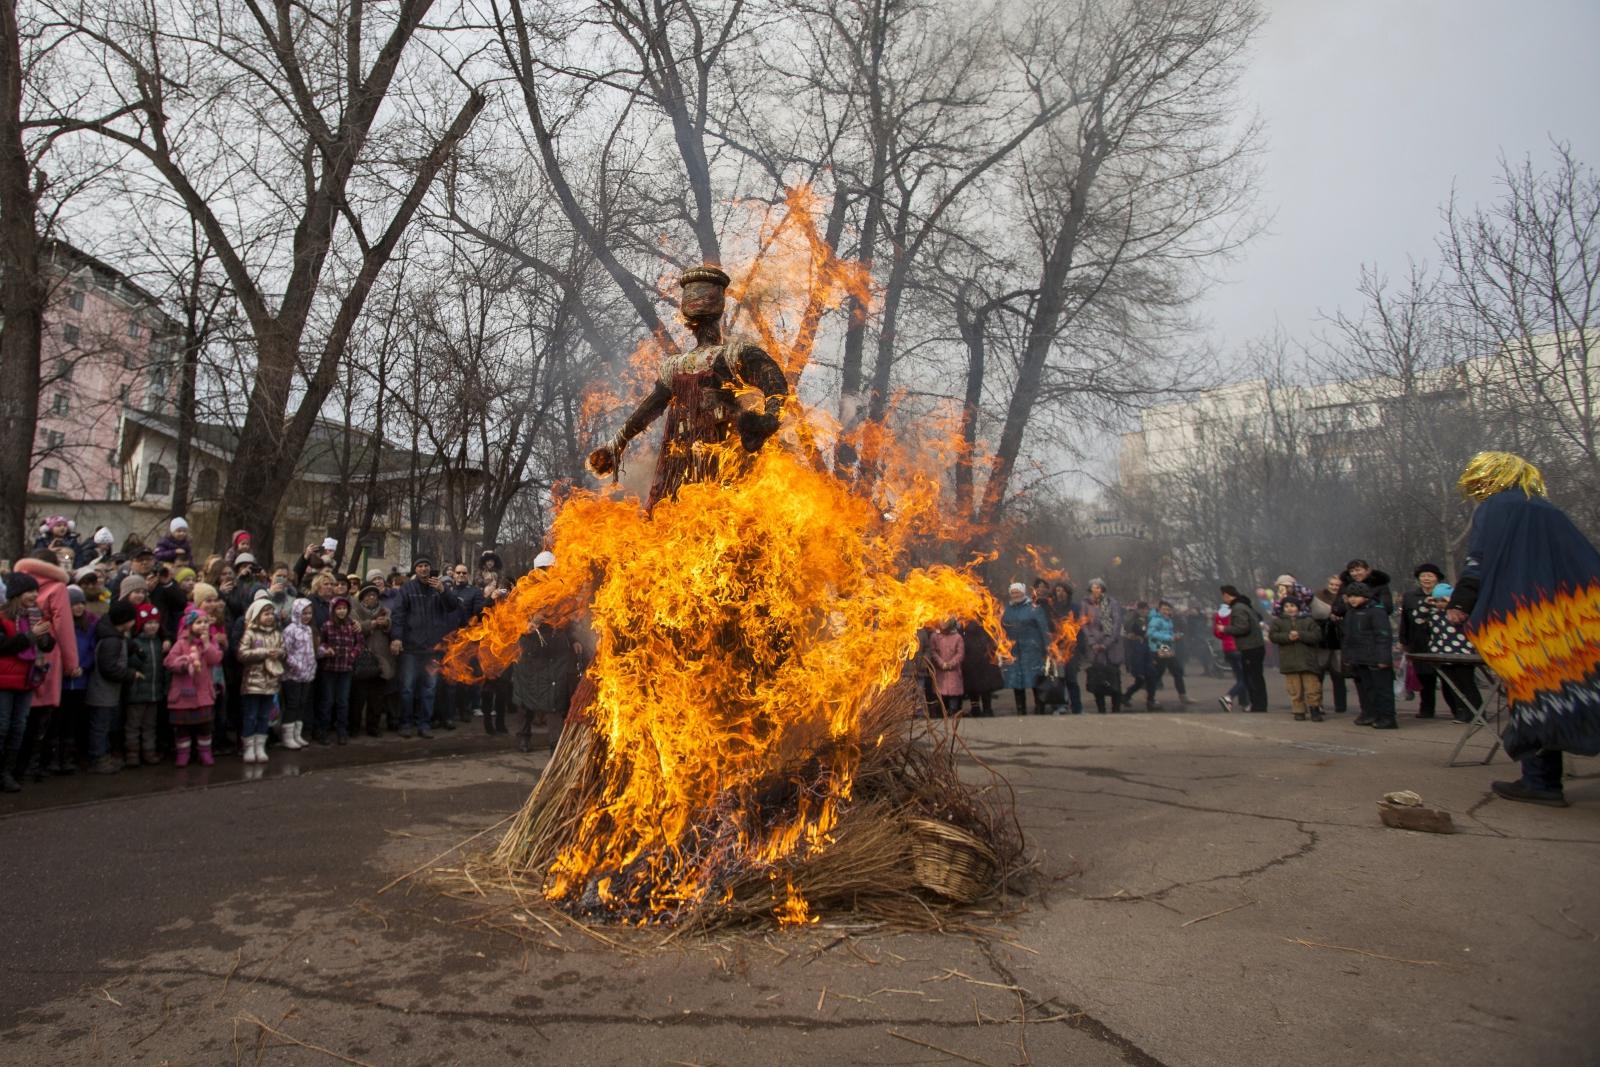 Ludzie oglądają spalenie kukły Pani Maslenitsa w siódmym i ostatnim dniu Tygodnia Naleśnika w Kiszyniowie, Mołdawia.